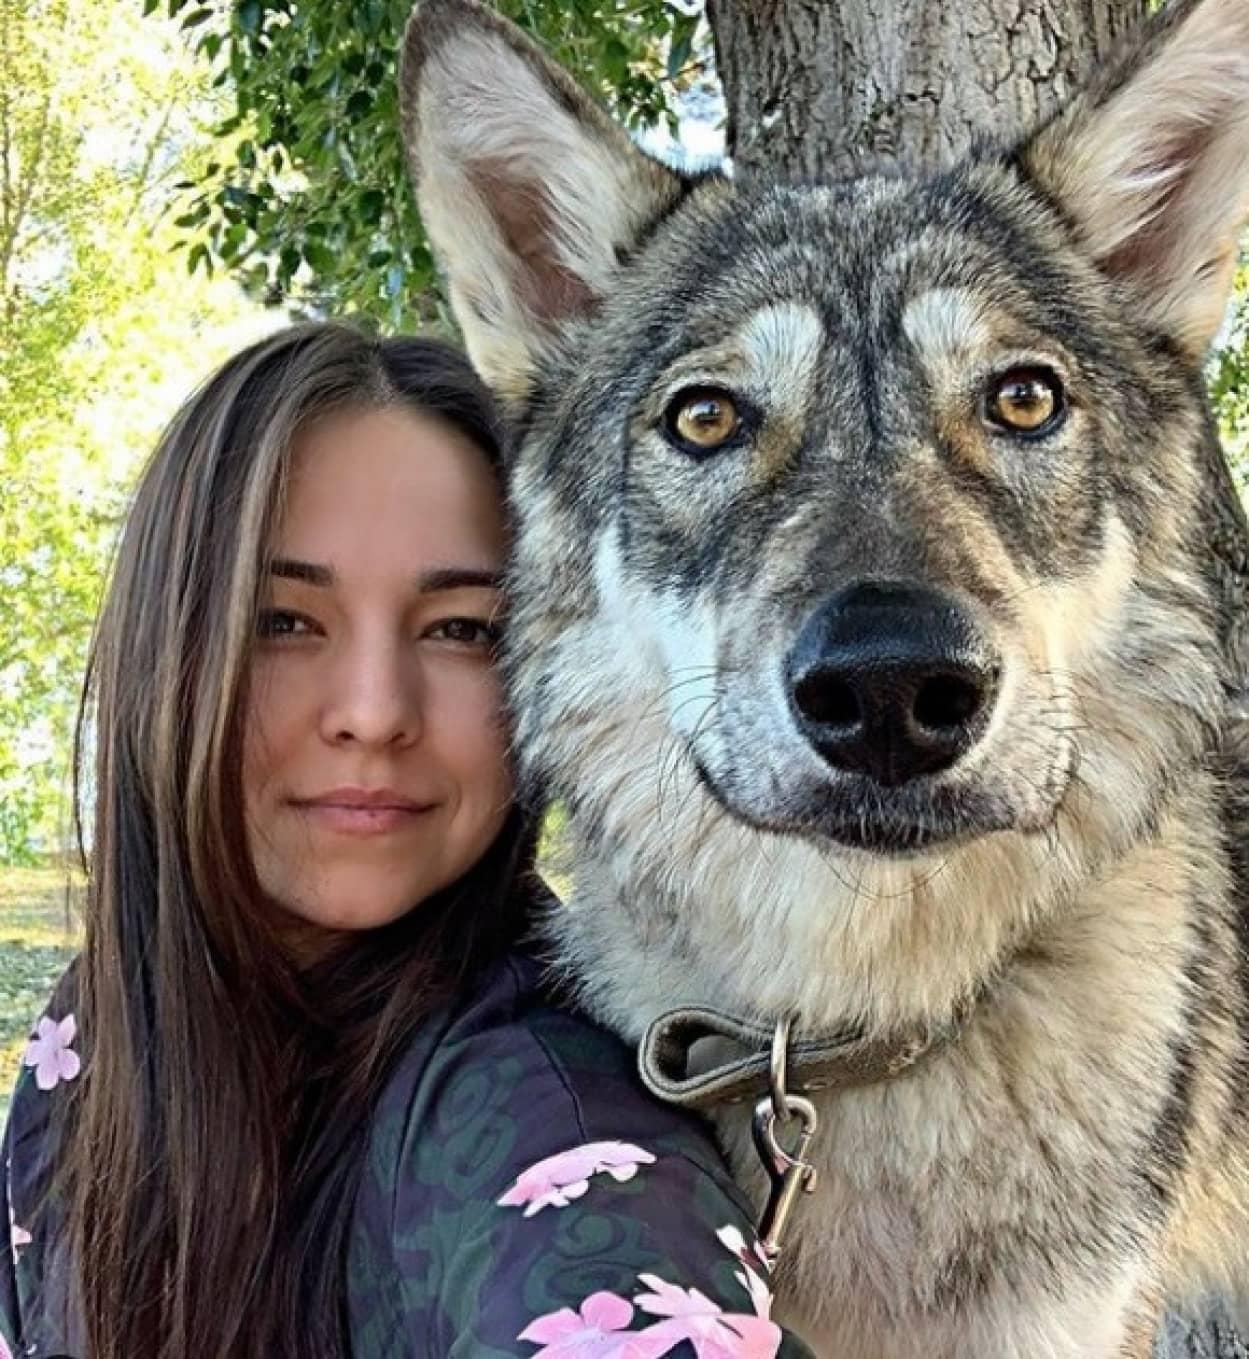 野生のオオカミの赤ちゃんを育てた女性